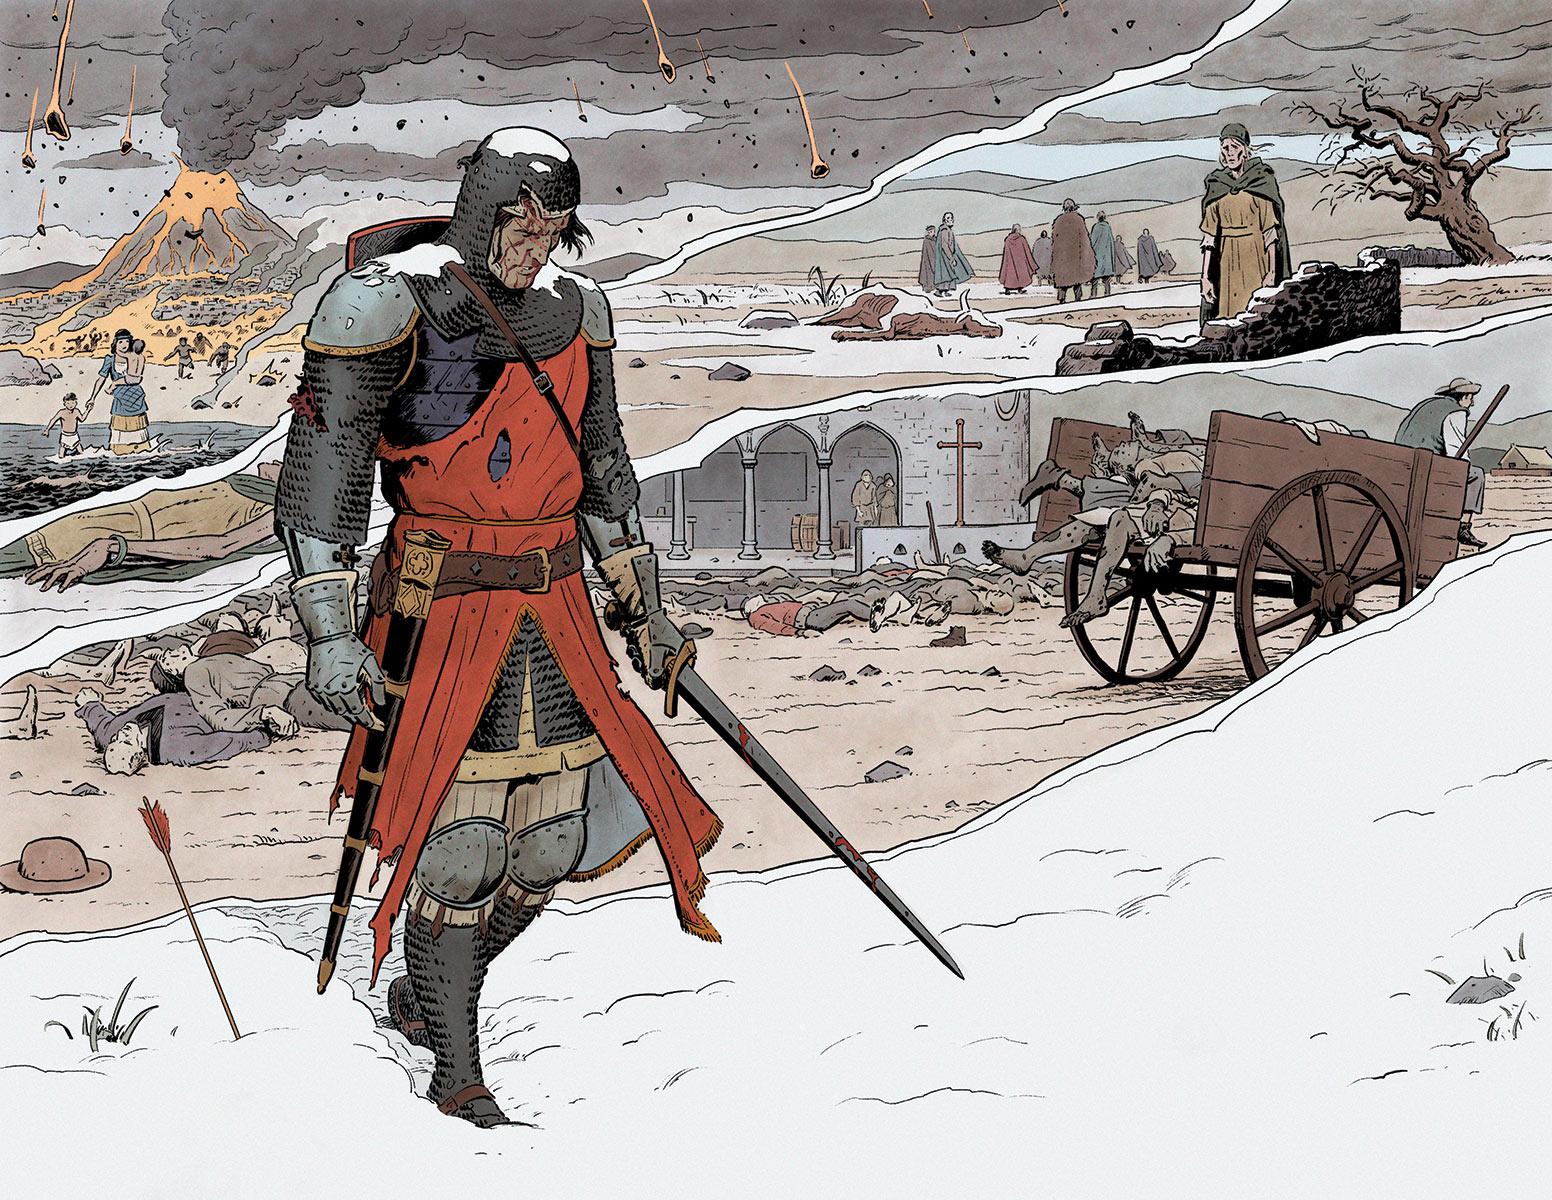 Proibido Ler Entrevista | Paolo Rivera - O ilustrador que deu nova vida ao Demolidor chega a Valiant